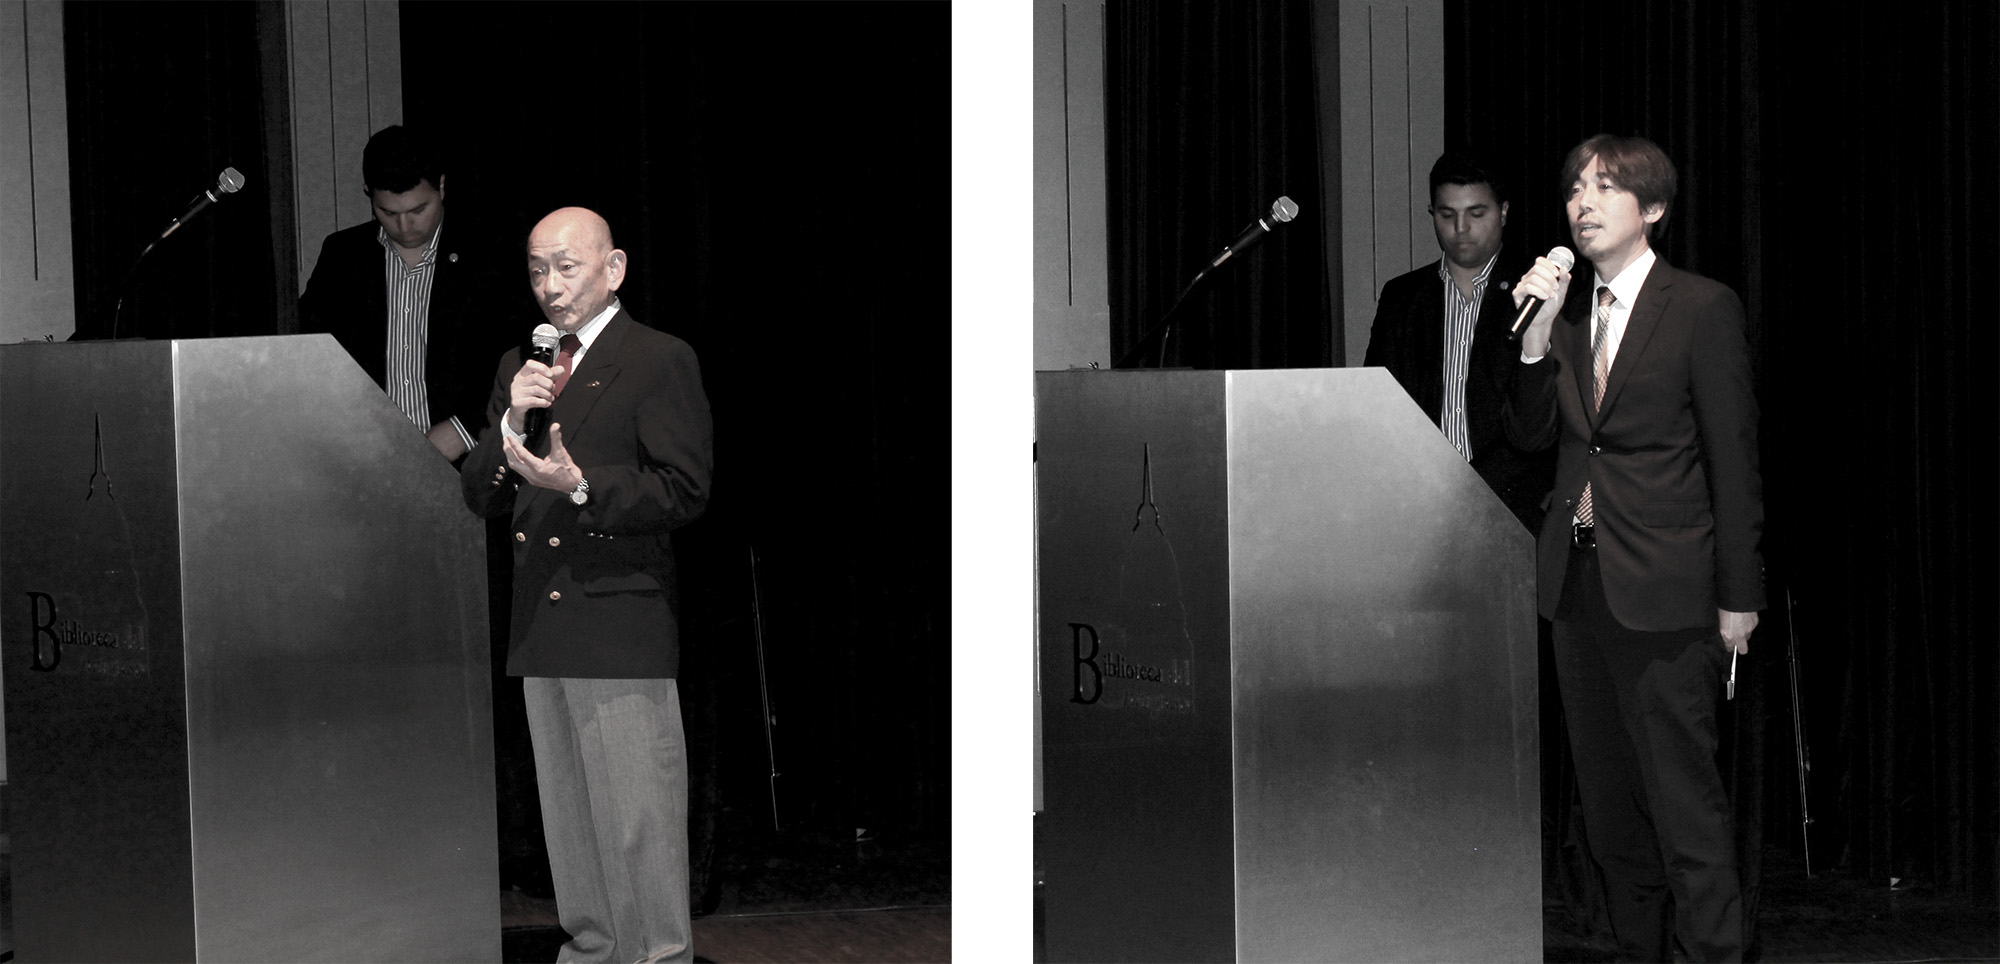 A la izquierda, el Sr. Ernesto Kimura, vicepresidente de la Asociación Japonesa en la Argentina. A la derecha, el Sr. Tatsuya Kasahara, Agregado Cultural de la Embajada del Japón